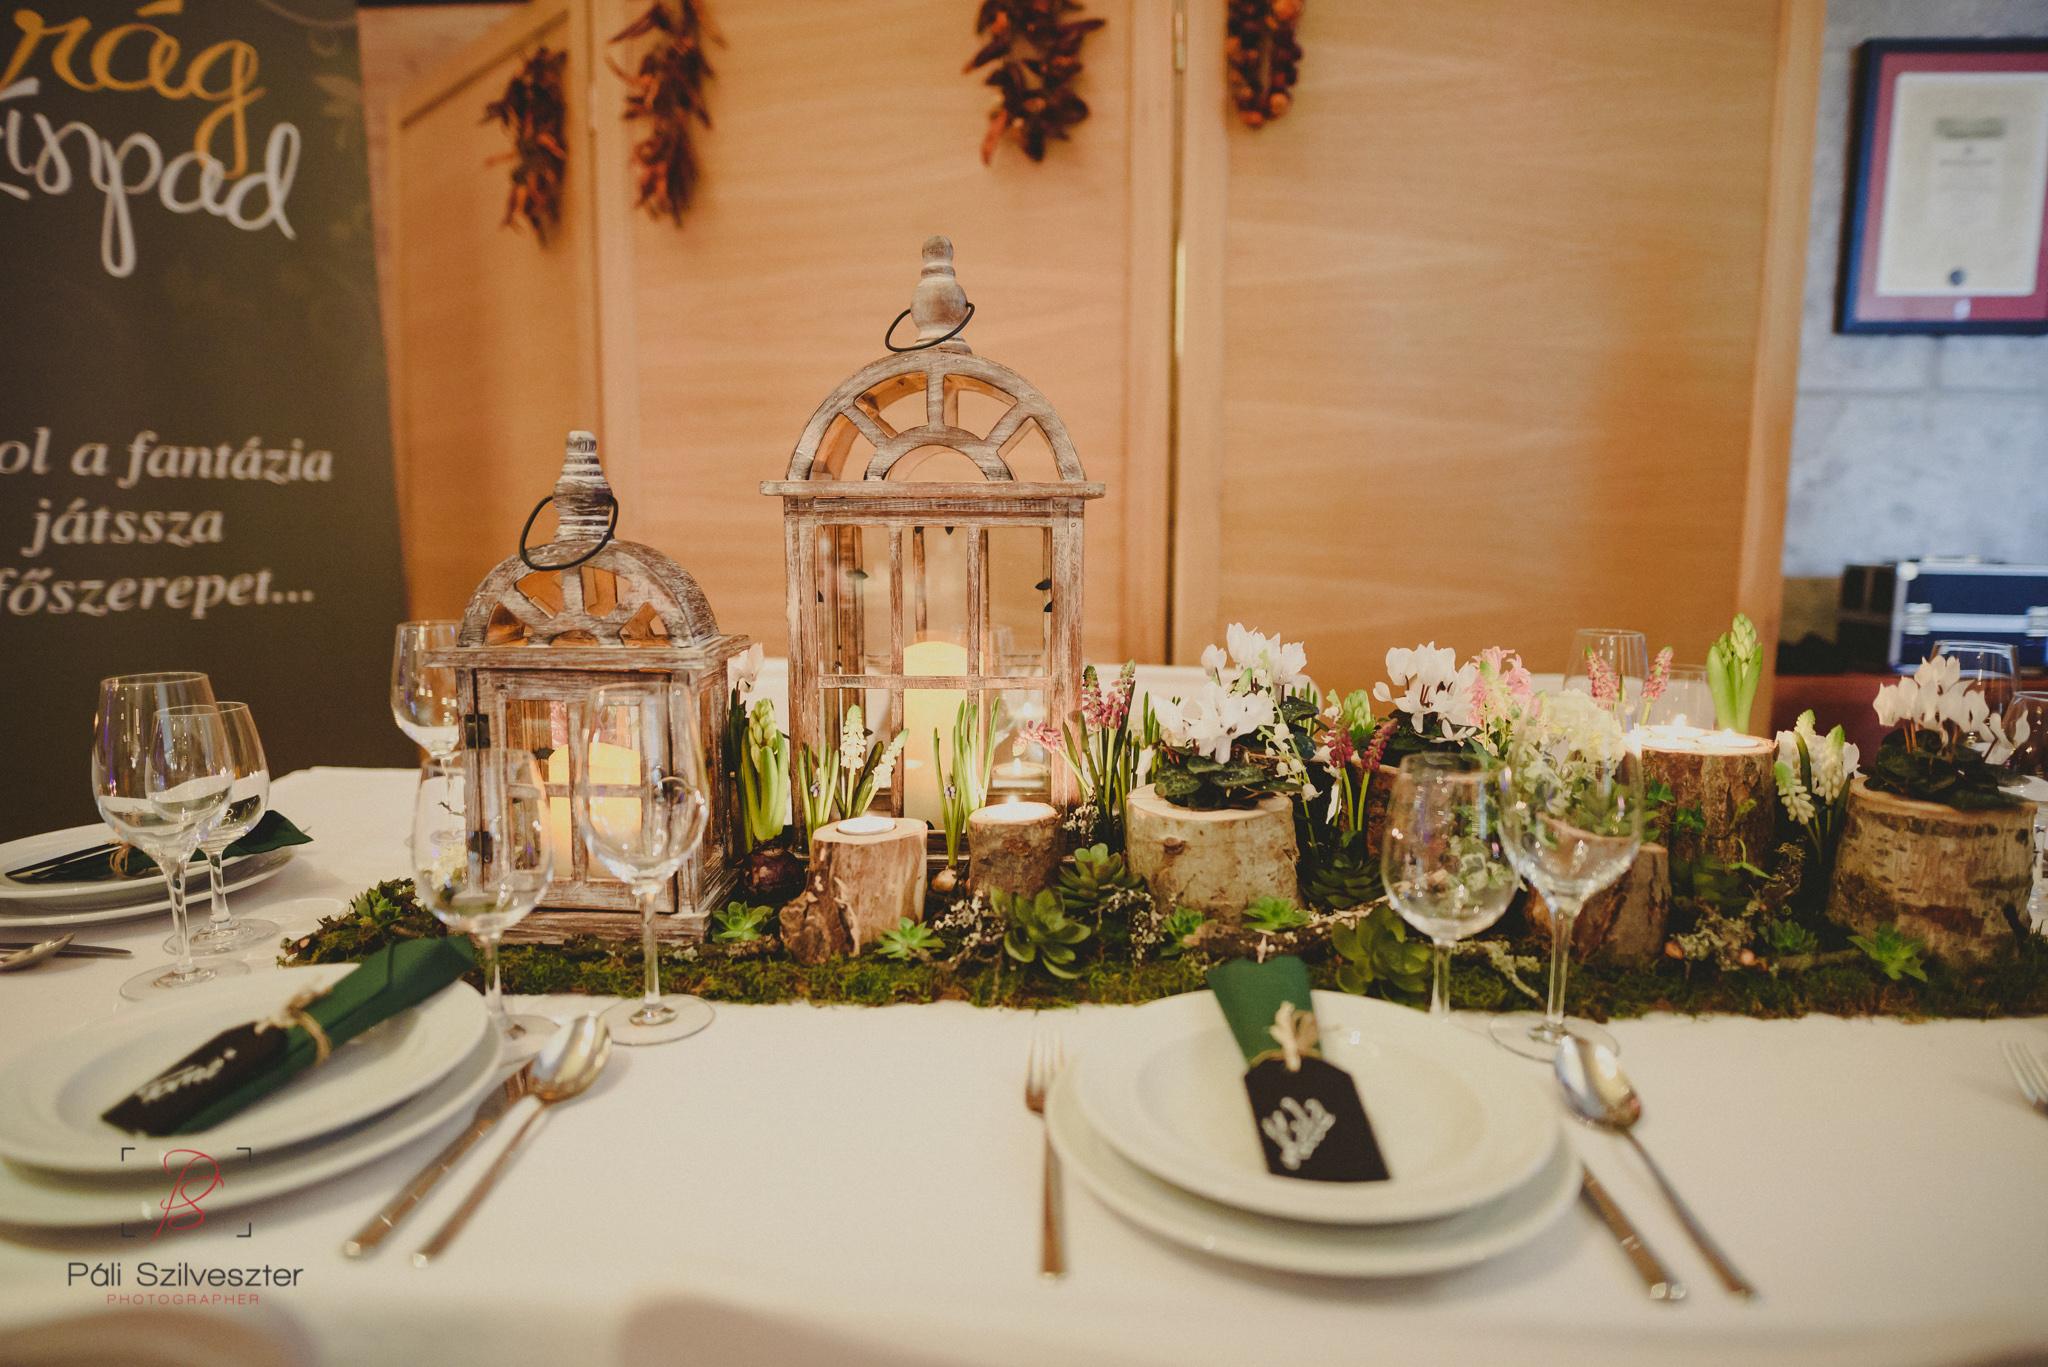 Páli-Szilveszter-székesfehérvári-esküvői-fotós-esztergom-prímás-pince-esüvőkiállítás-2016-01-23-70387.jpg